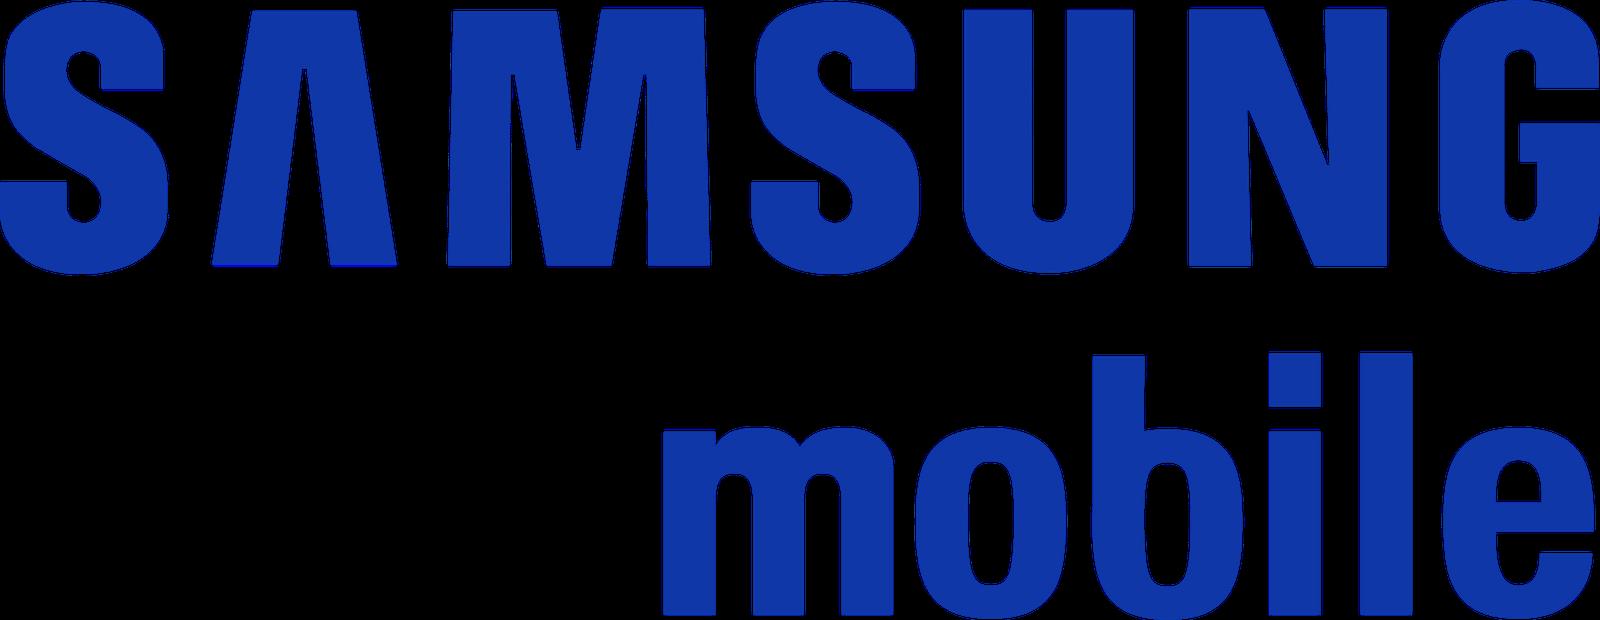 samsung-mobile-logo-vector